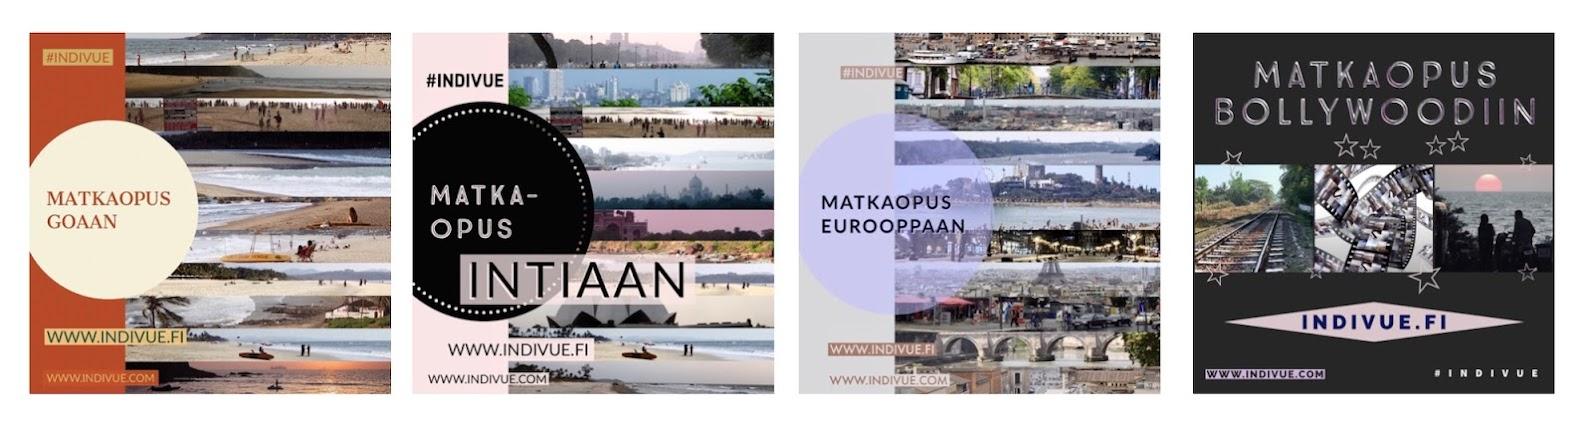 Matkaopus-teoksia Intiaan, Eurooppaan, Goaan ja Bollywoodiin